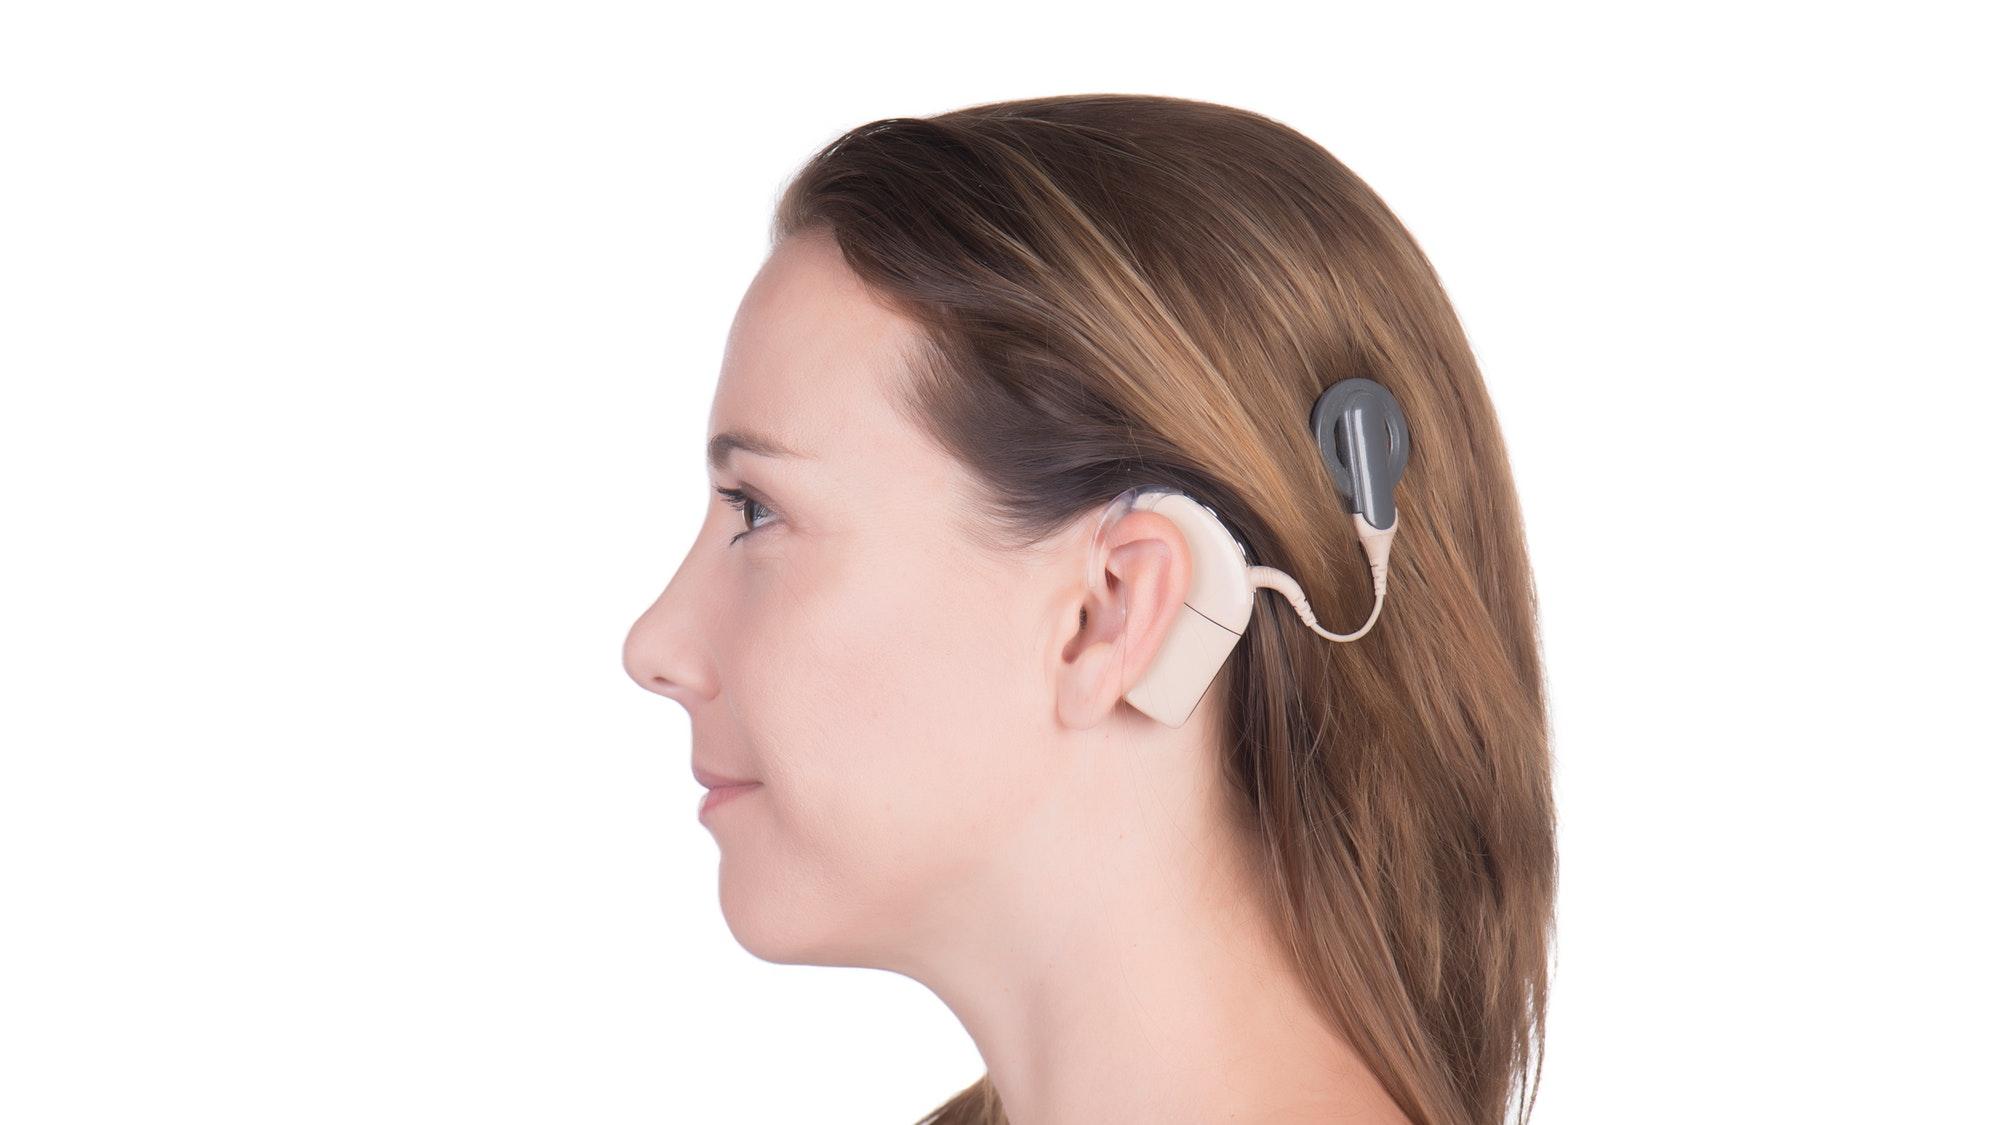 impianto-cocleare-vs-apparecchio-acustico